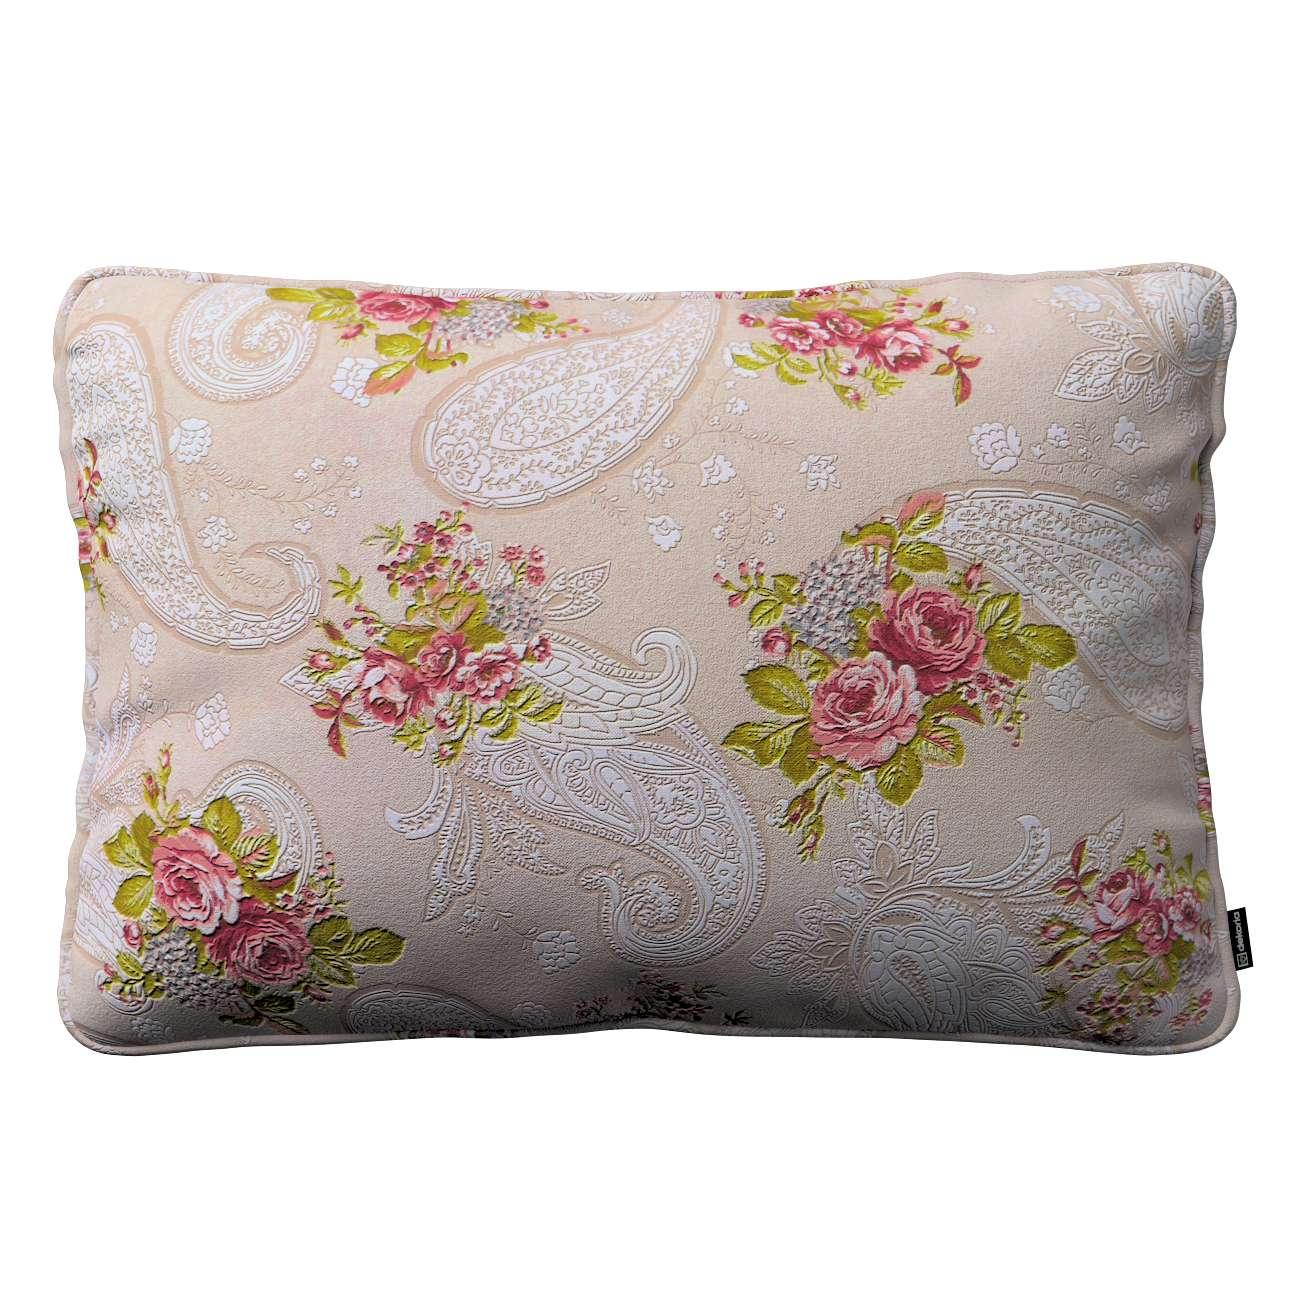 Gabi dekoratyvinės pagavėlės užvalkalas su specialia siūle 60x40cm 60 x 40 cm kolekcijoje Flowers, audinys: 311-15